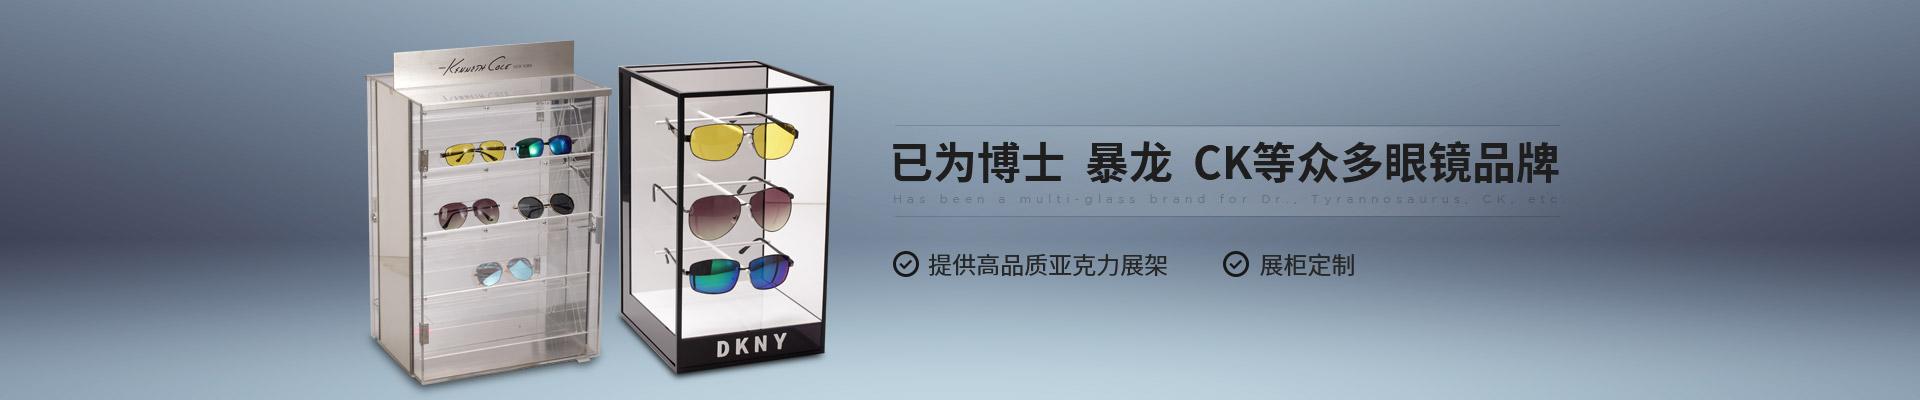 博艺眼镜展示架-已为博士、暴龙、CK等众多眼镜品牌